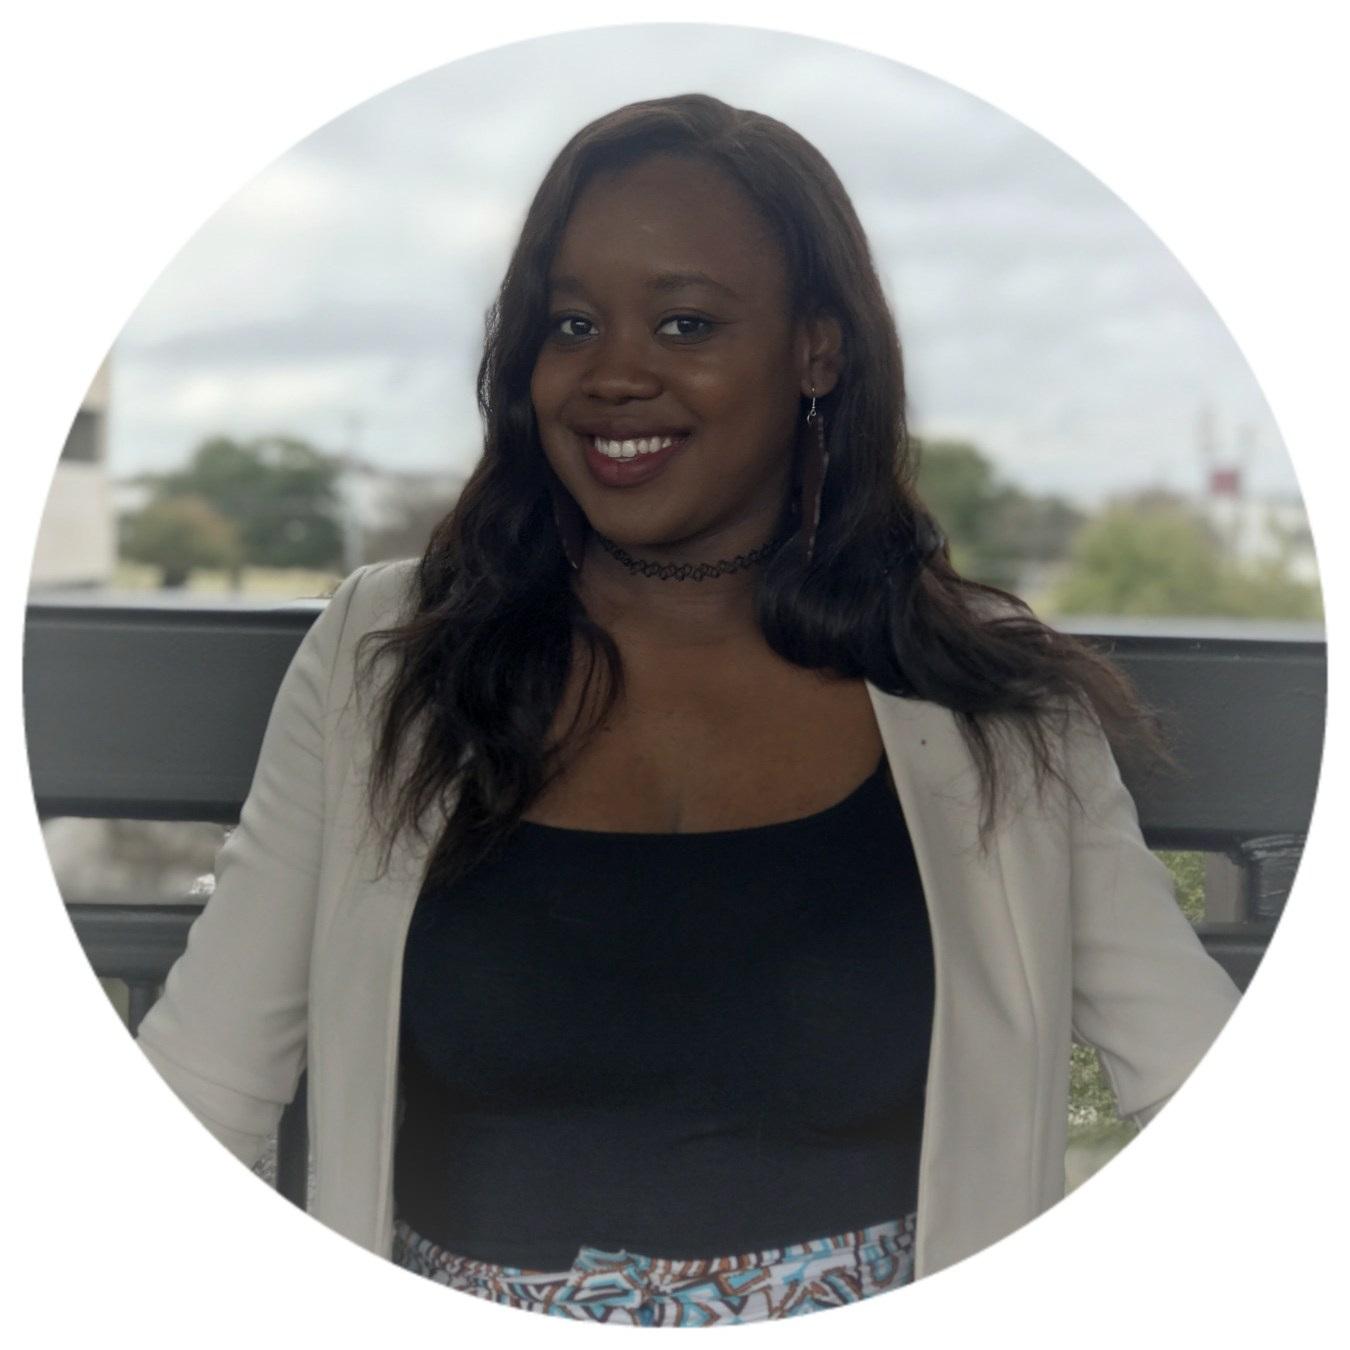 Getty Kasole, CEO & FOUNDATRICE - Getty est né et a grandi à Kinshasa, au Congo. Elle vit aux États-Unis depuis plus de 10 ans où elle a obtenue son baccalauréat en génie mécanique à l'Institut of Technologie de l'Illinois. Elle a travaillée pour Exelon Nuclear et consulté pour AECOM avant de fonder SolAfrica. Elle est une gestionnaire de projet qui possède une expertise dans la prestation d'améliorations solides des processus et la mise en œuvre de changements visant à assurer des contrôles des coûts et de la qualité, des gains d'efficacité, avec des livrables très rentables.Sa passion pour le continent africain, associée à son expérience technique et de gestion, l'a équipée pour cibler l'une des questions les plus vitales pour le continent africain, qui est un accès fiable à l'énergie. Elle a adoptée, une approche innovatrice à la question qui va décentraliser l'accès à l'énergie et la rendra abordable, fiable et écologique.